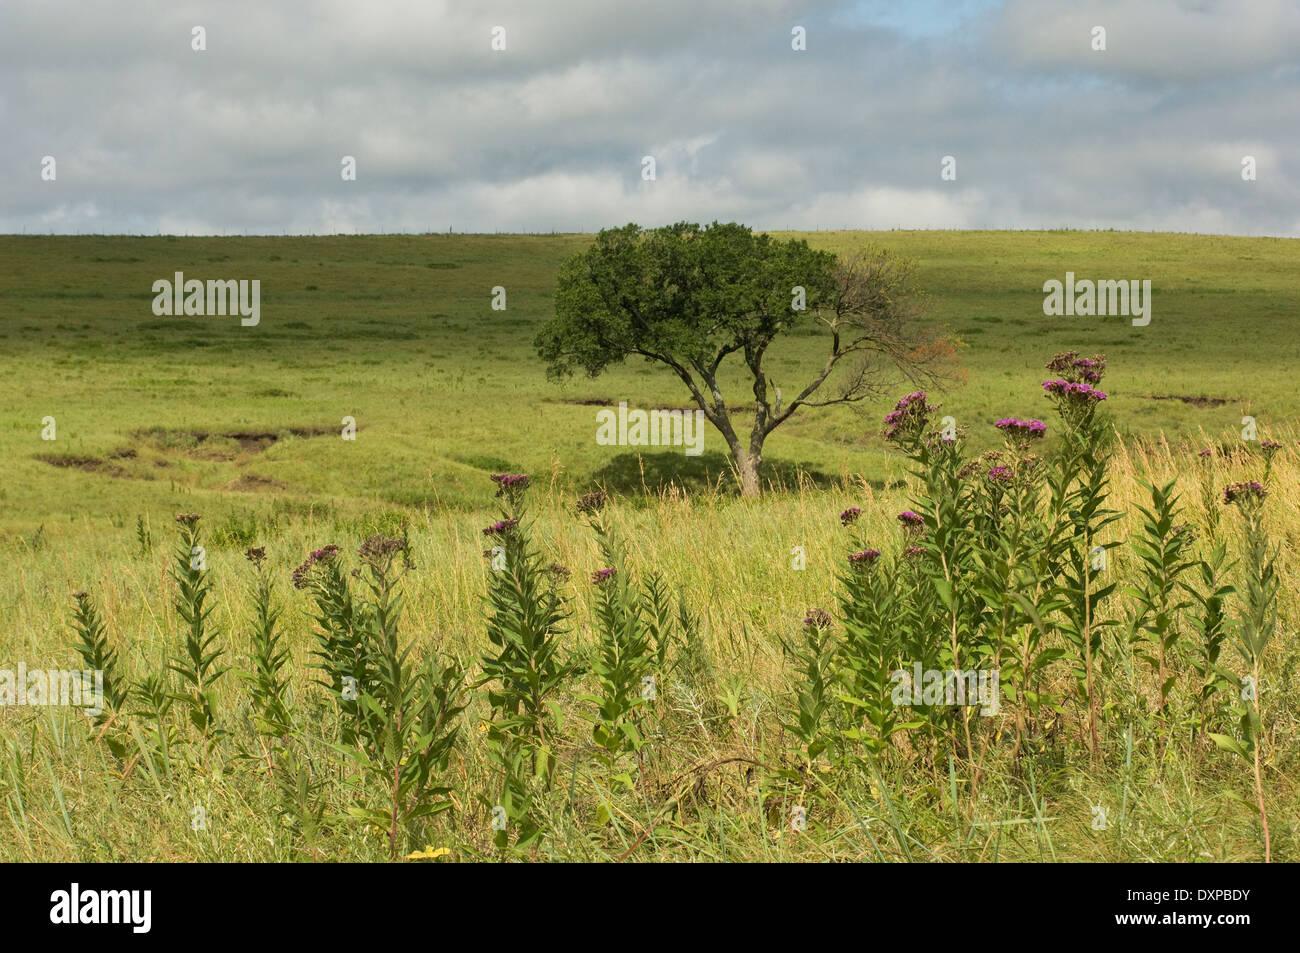 Landschaft von Tallgrass Prairie National Preserve, Kansas. Stockbild